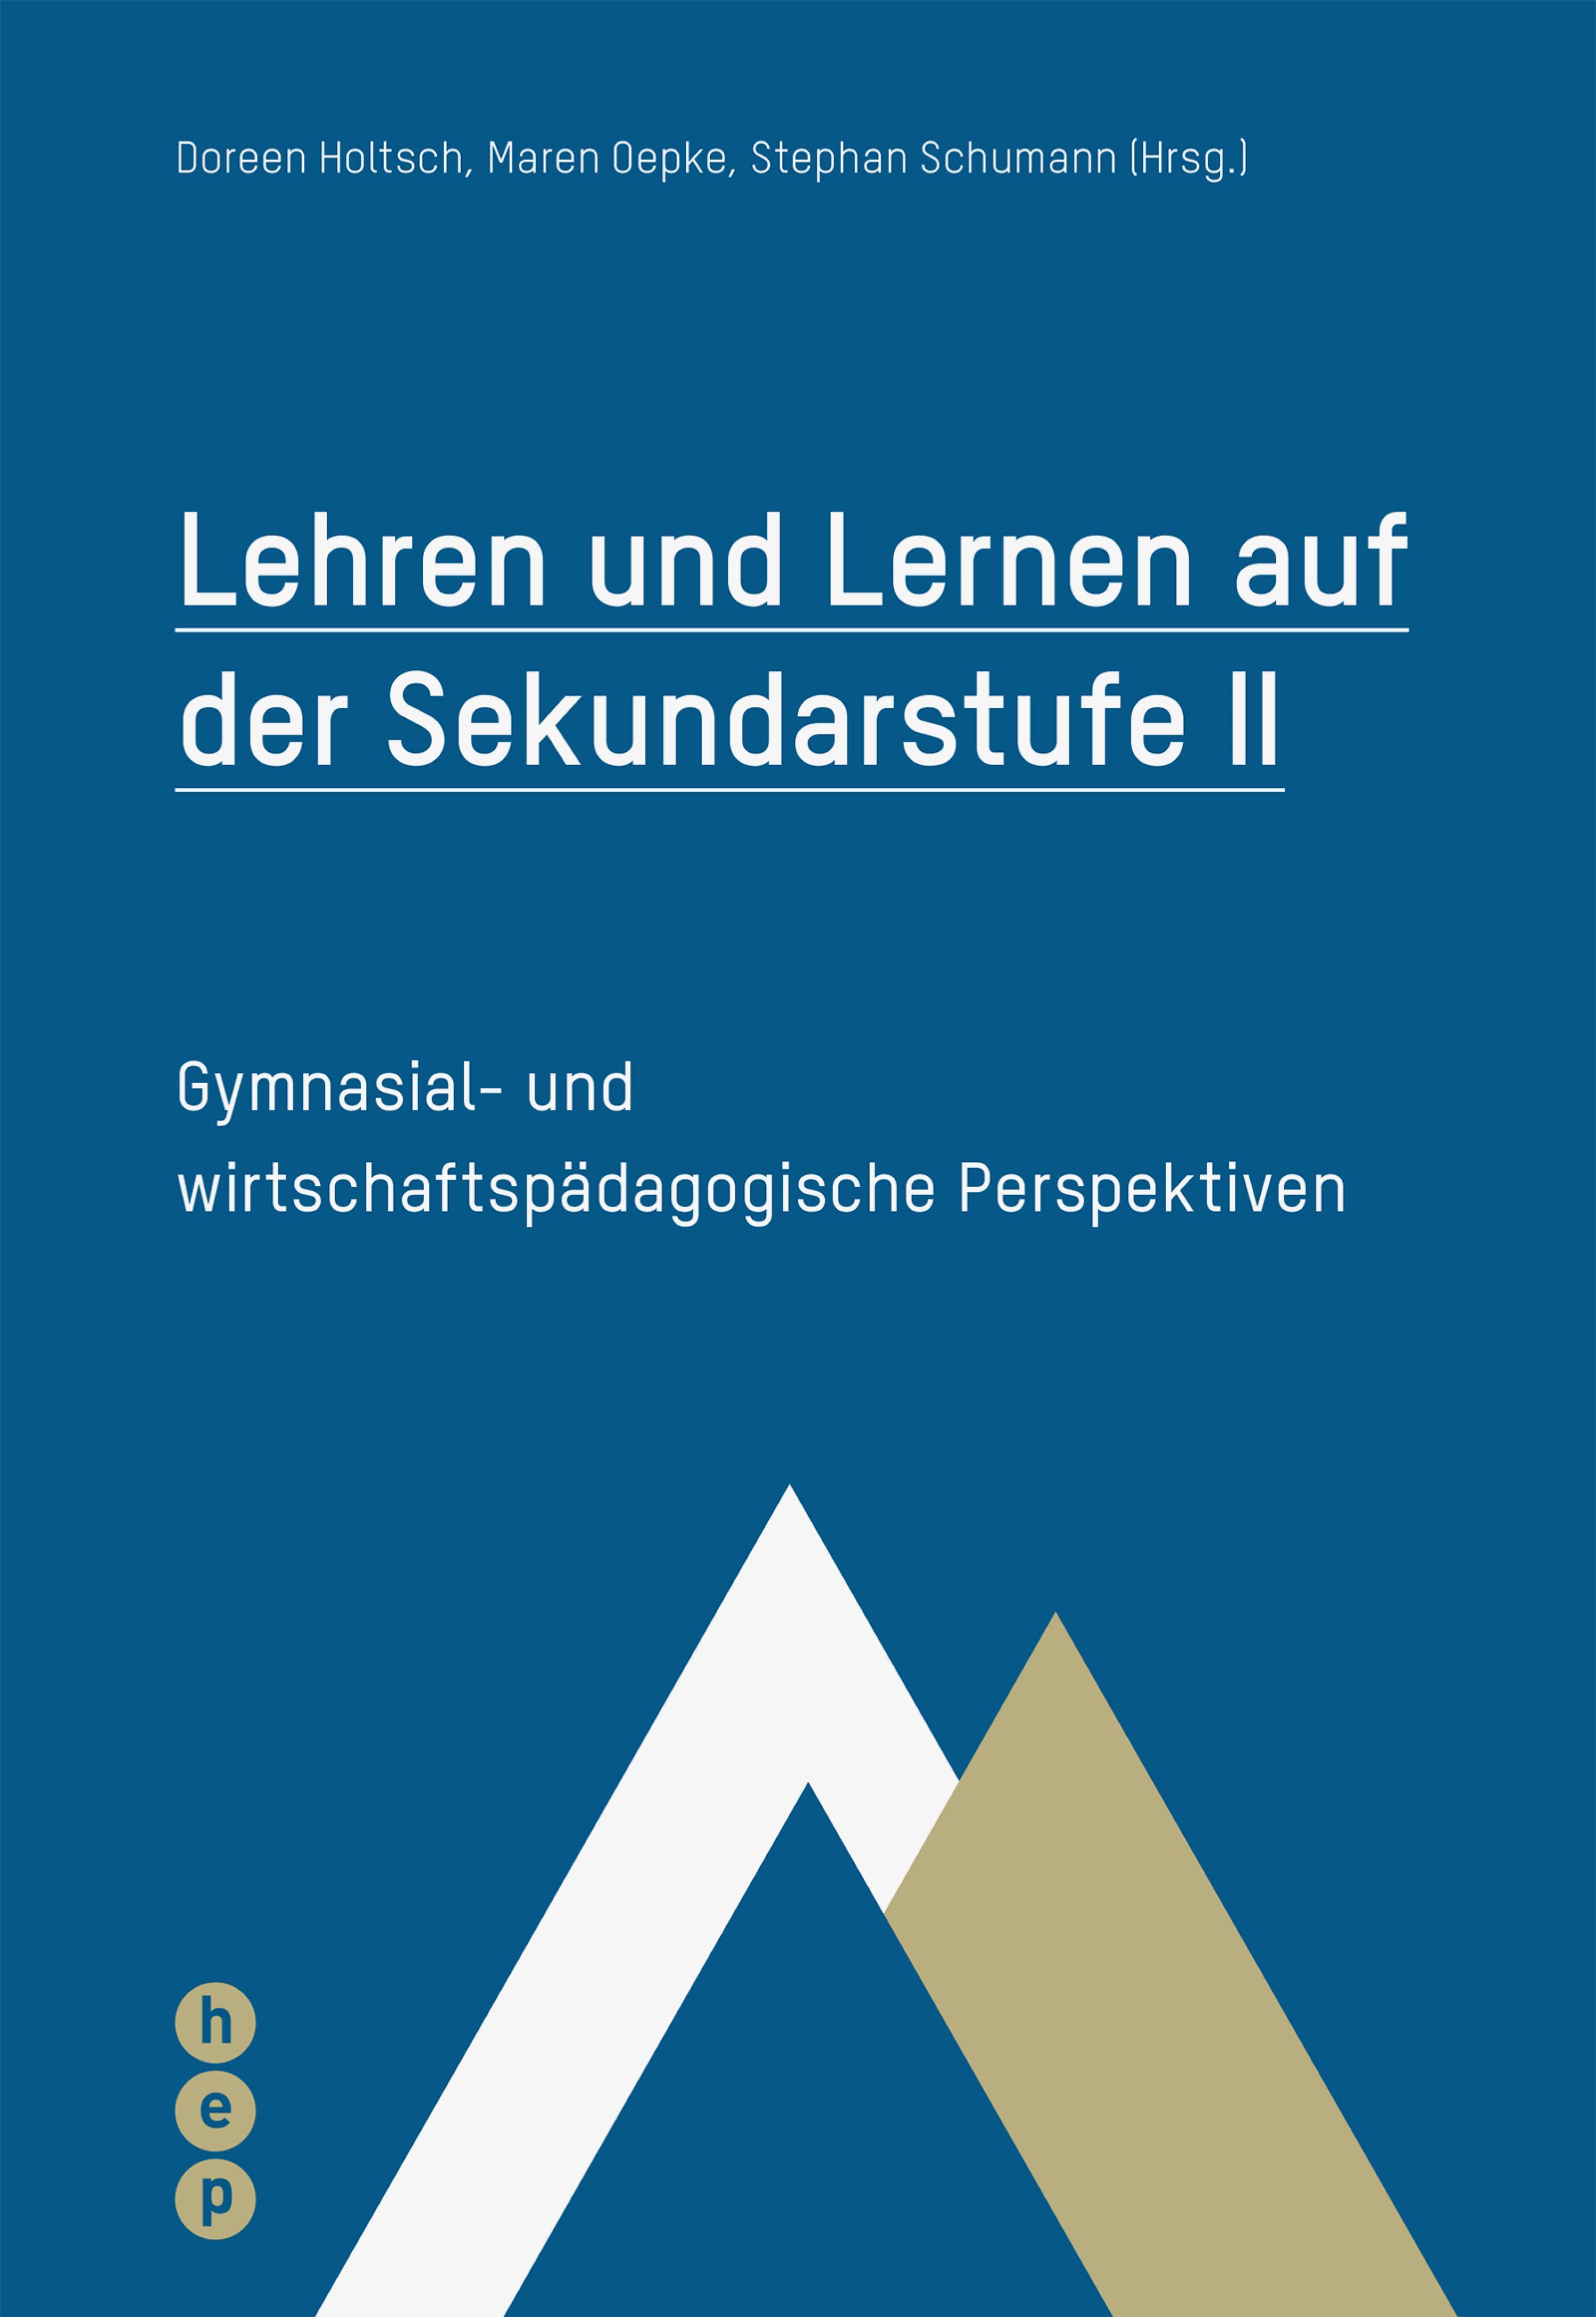 Lehren und Lernen auf der Sekundarstufe II (E-Book)